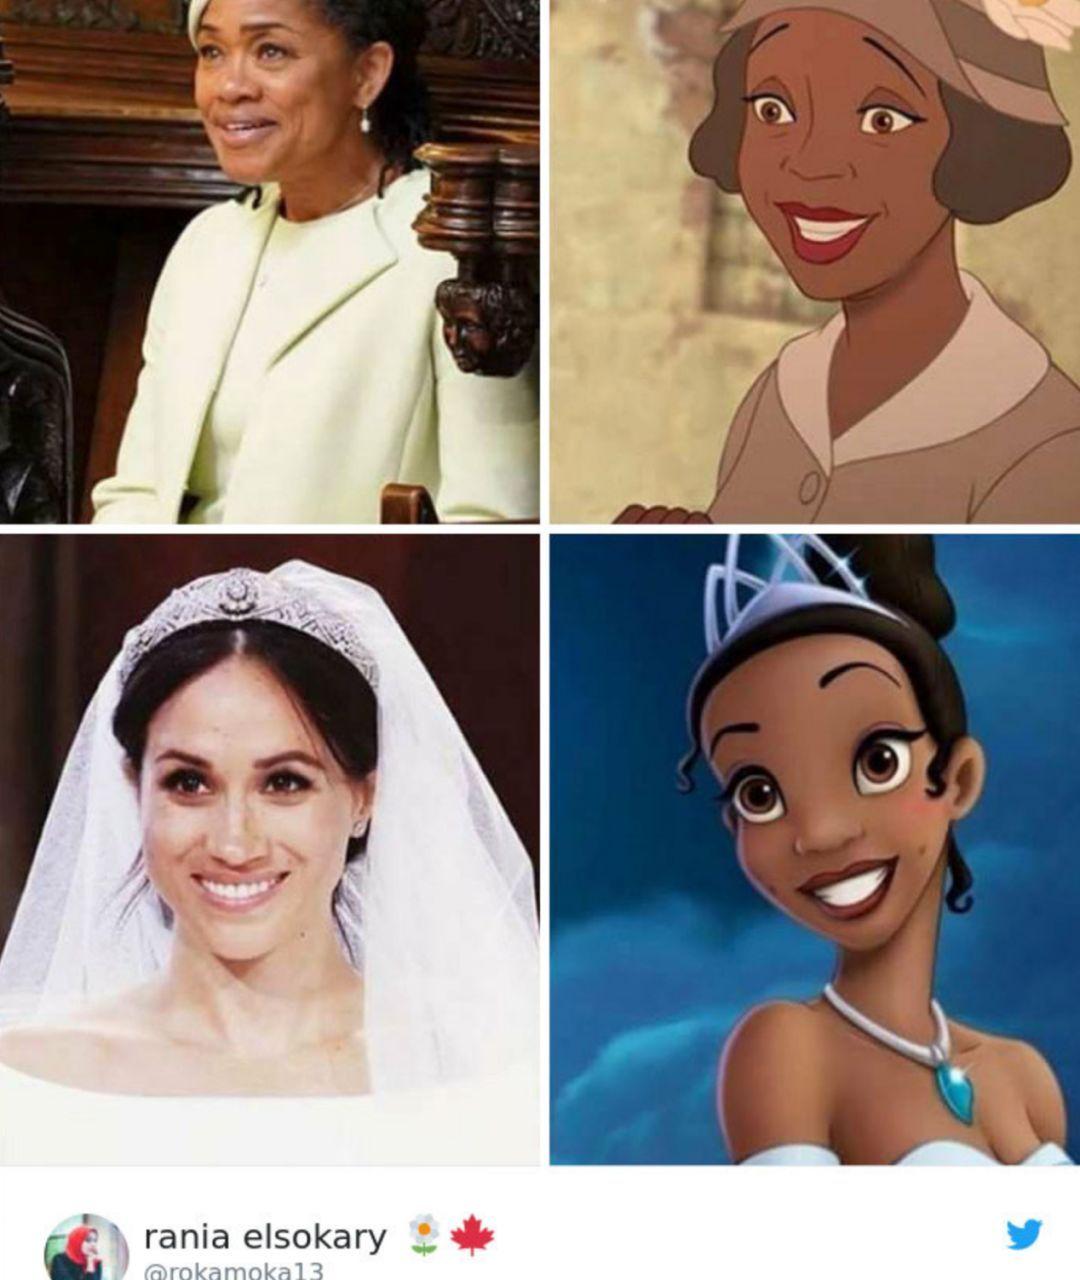 皇室婚礼全网最佳段子手大比拼,网友们的脑洞简直就是黑洞啊